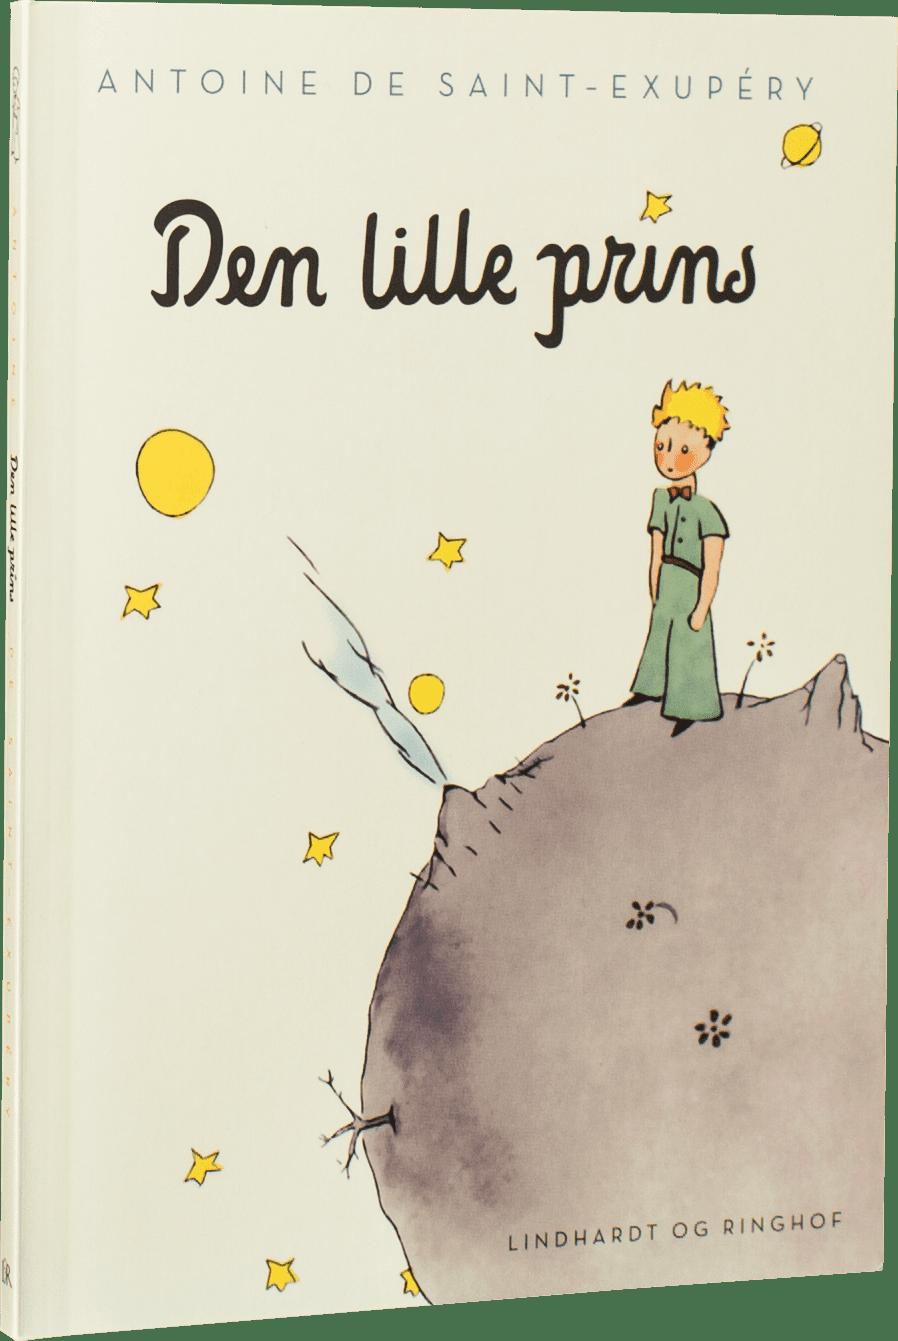 Den lille prins antoine de saint-exupéry